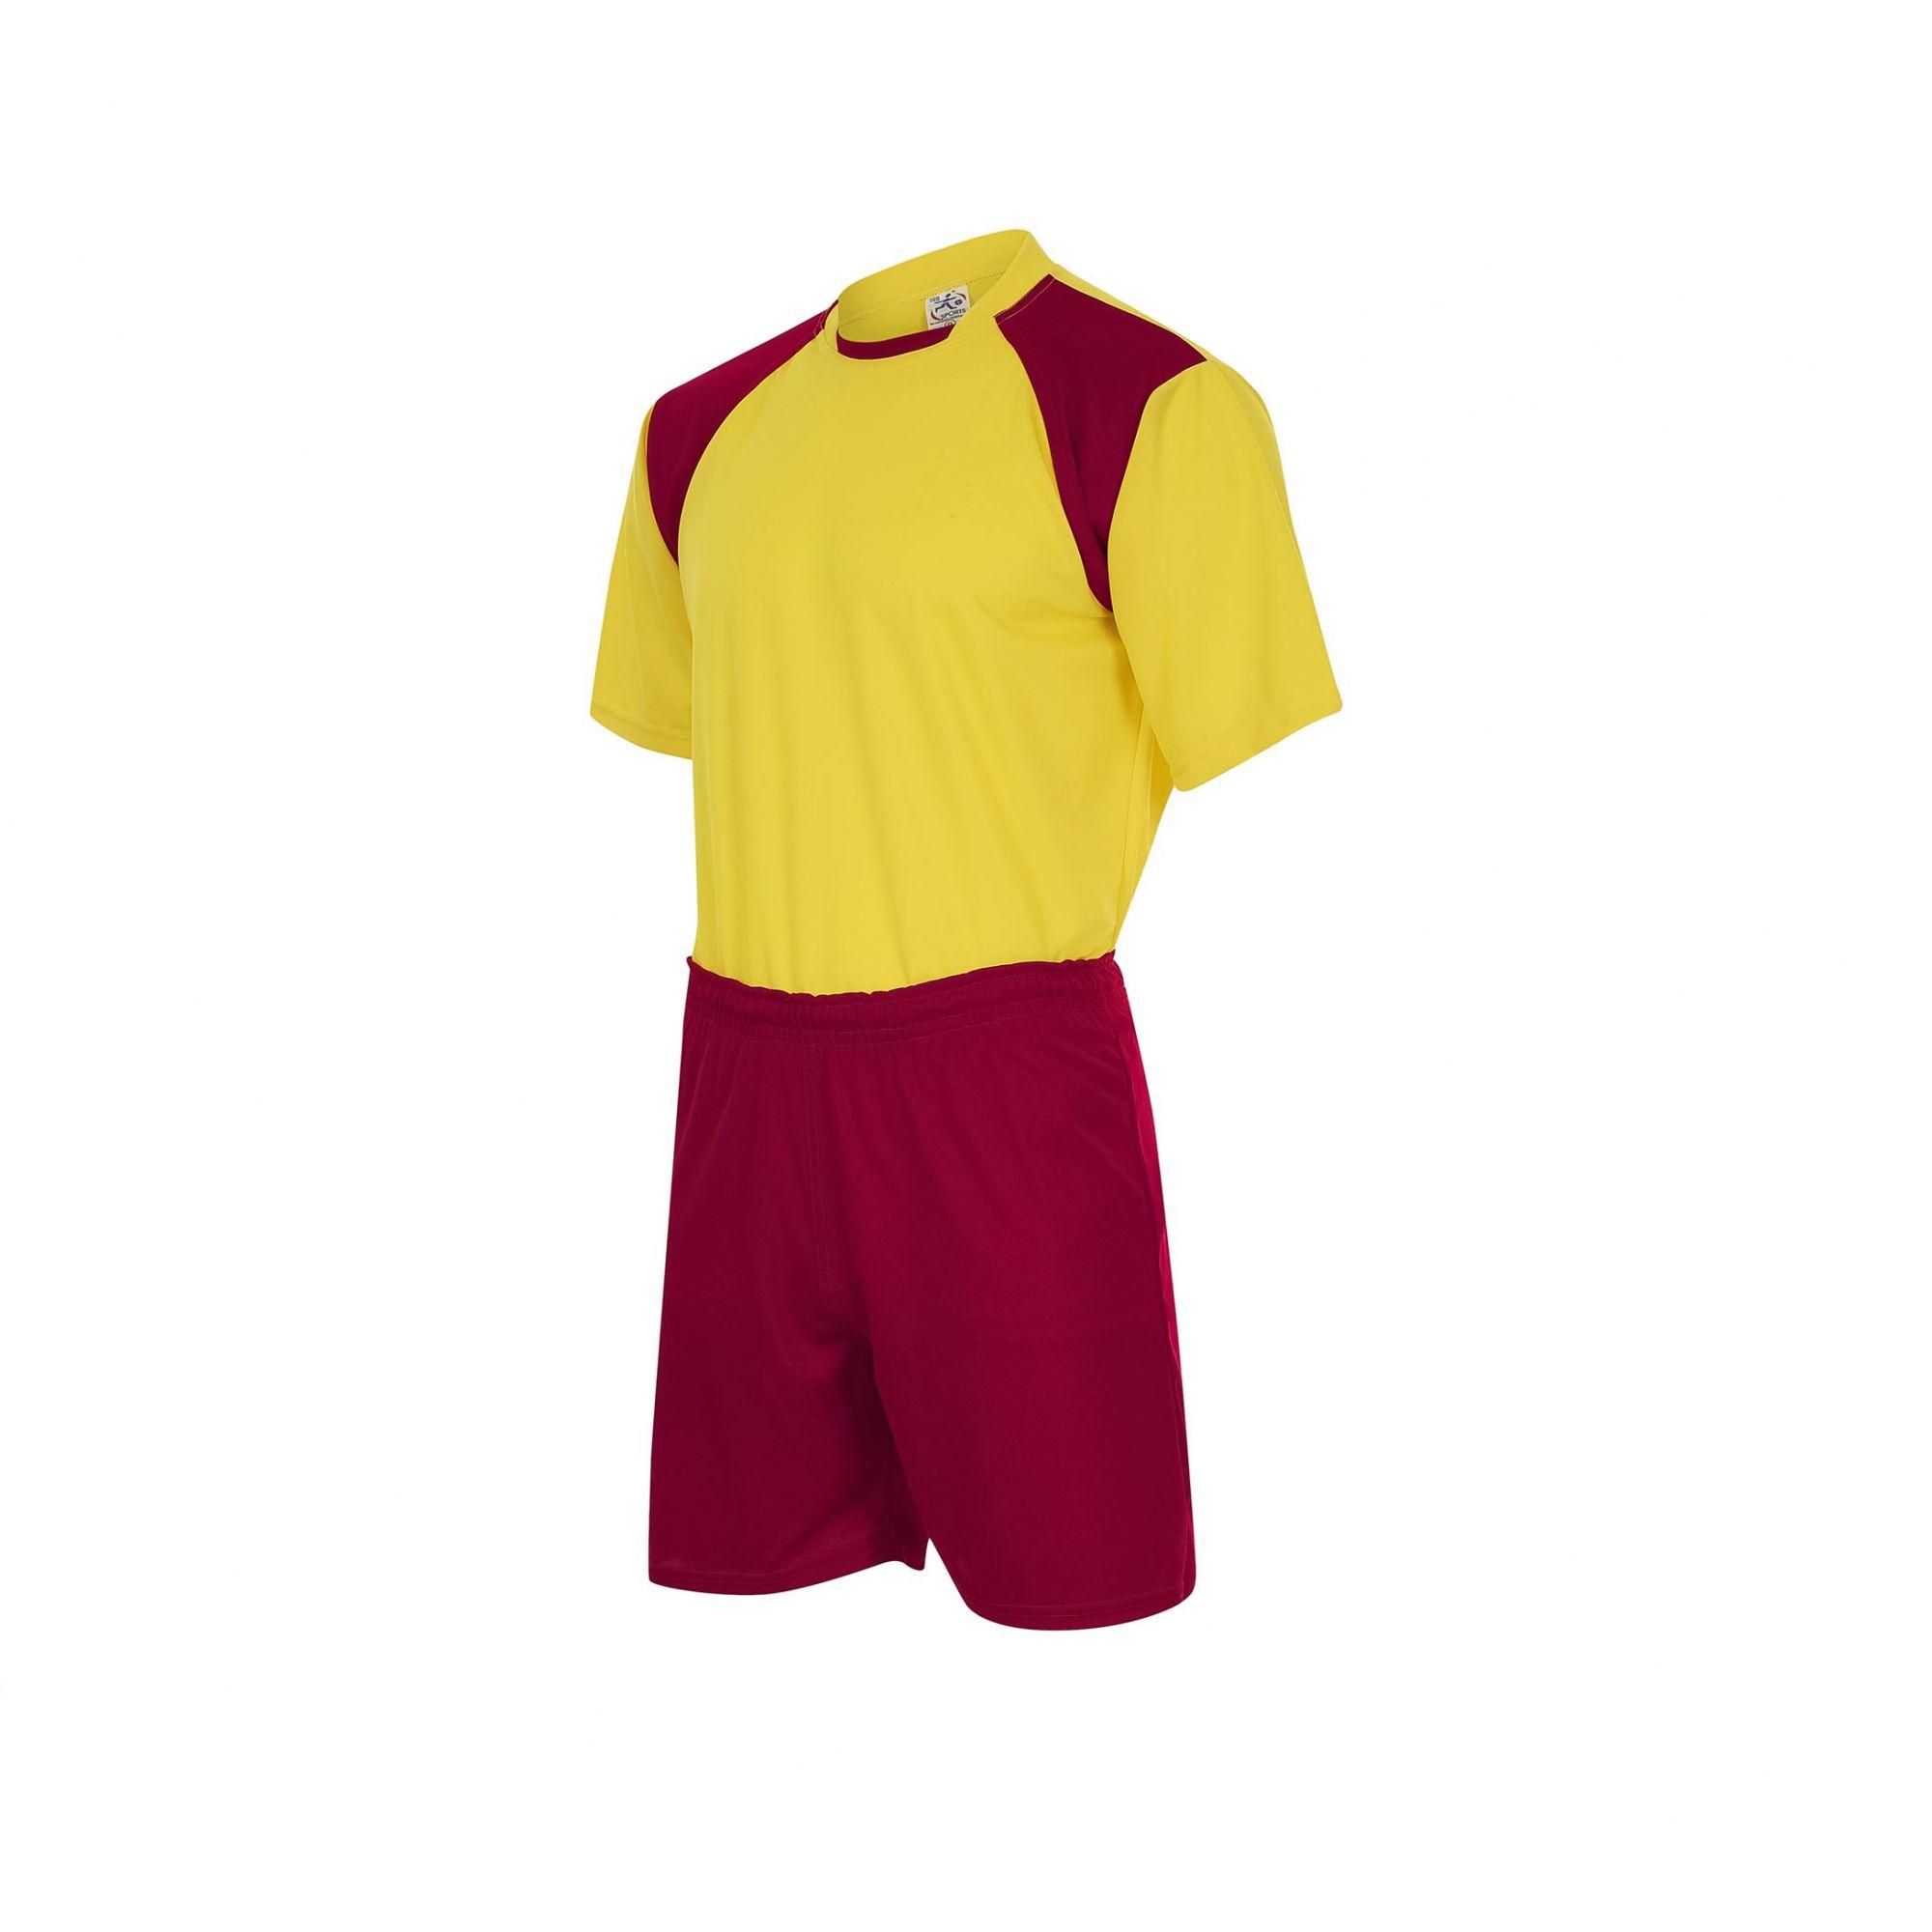 Uniforme de Futebol Infantil Ligth